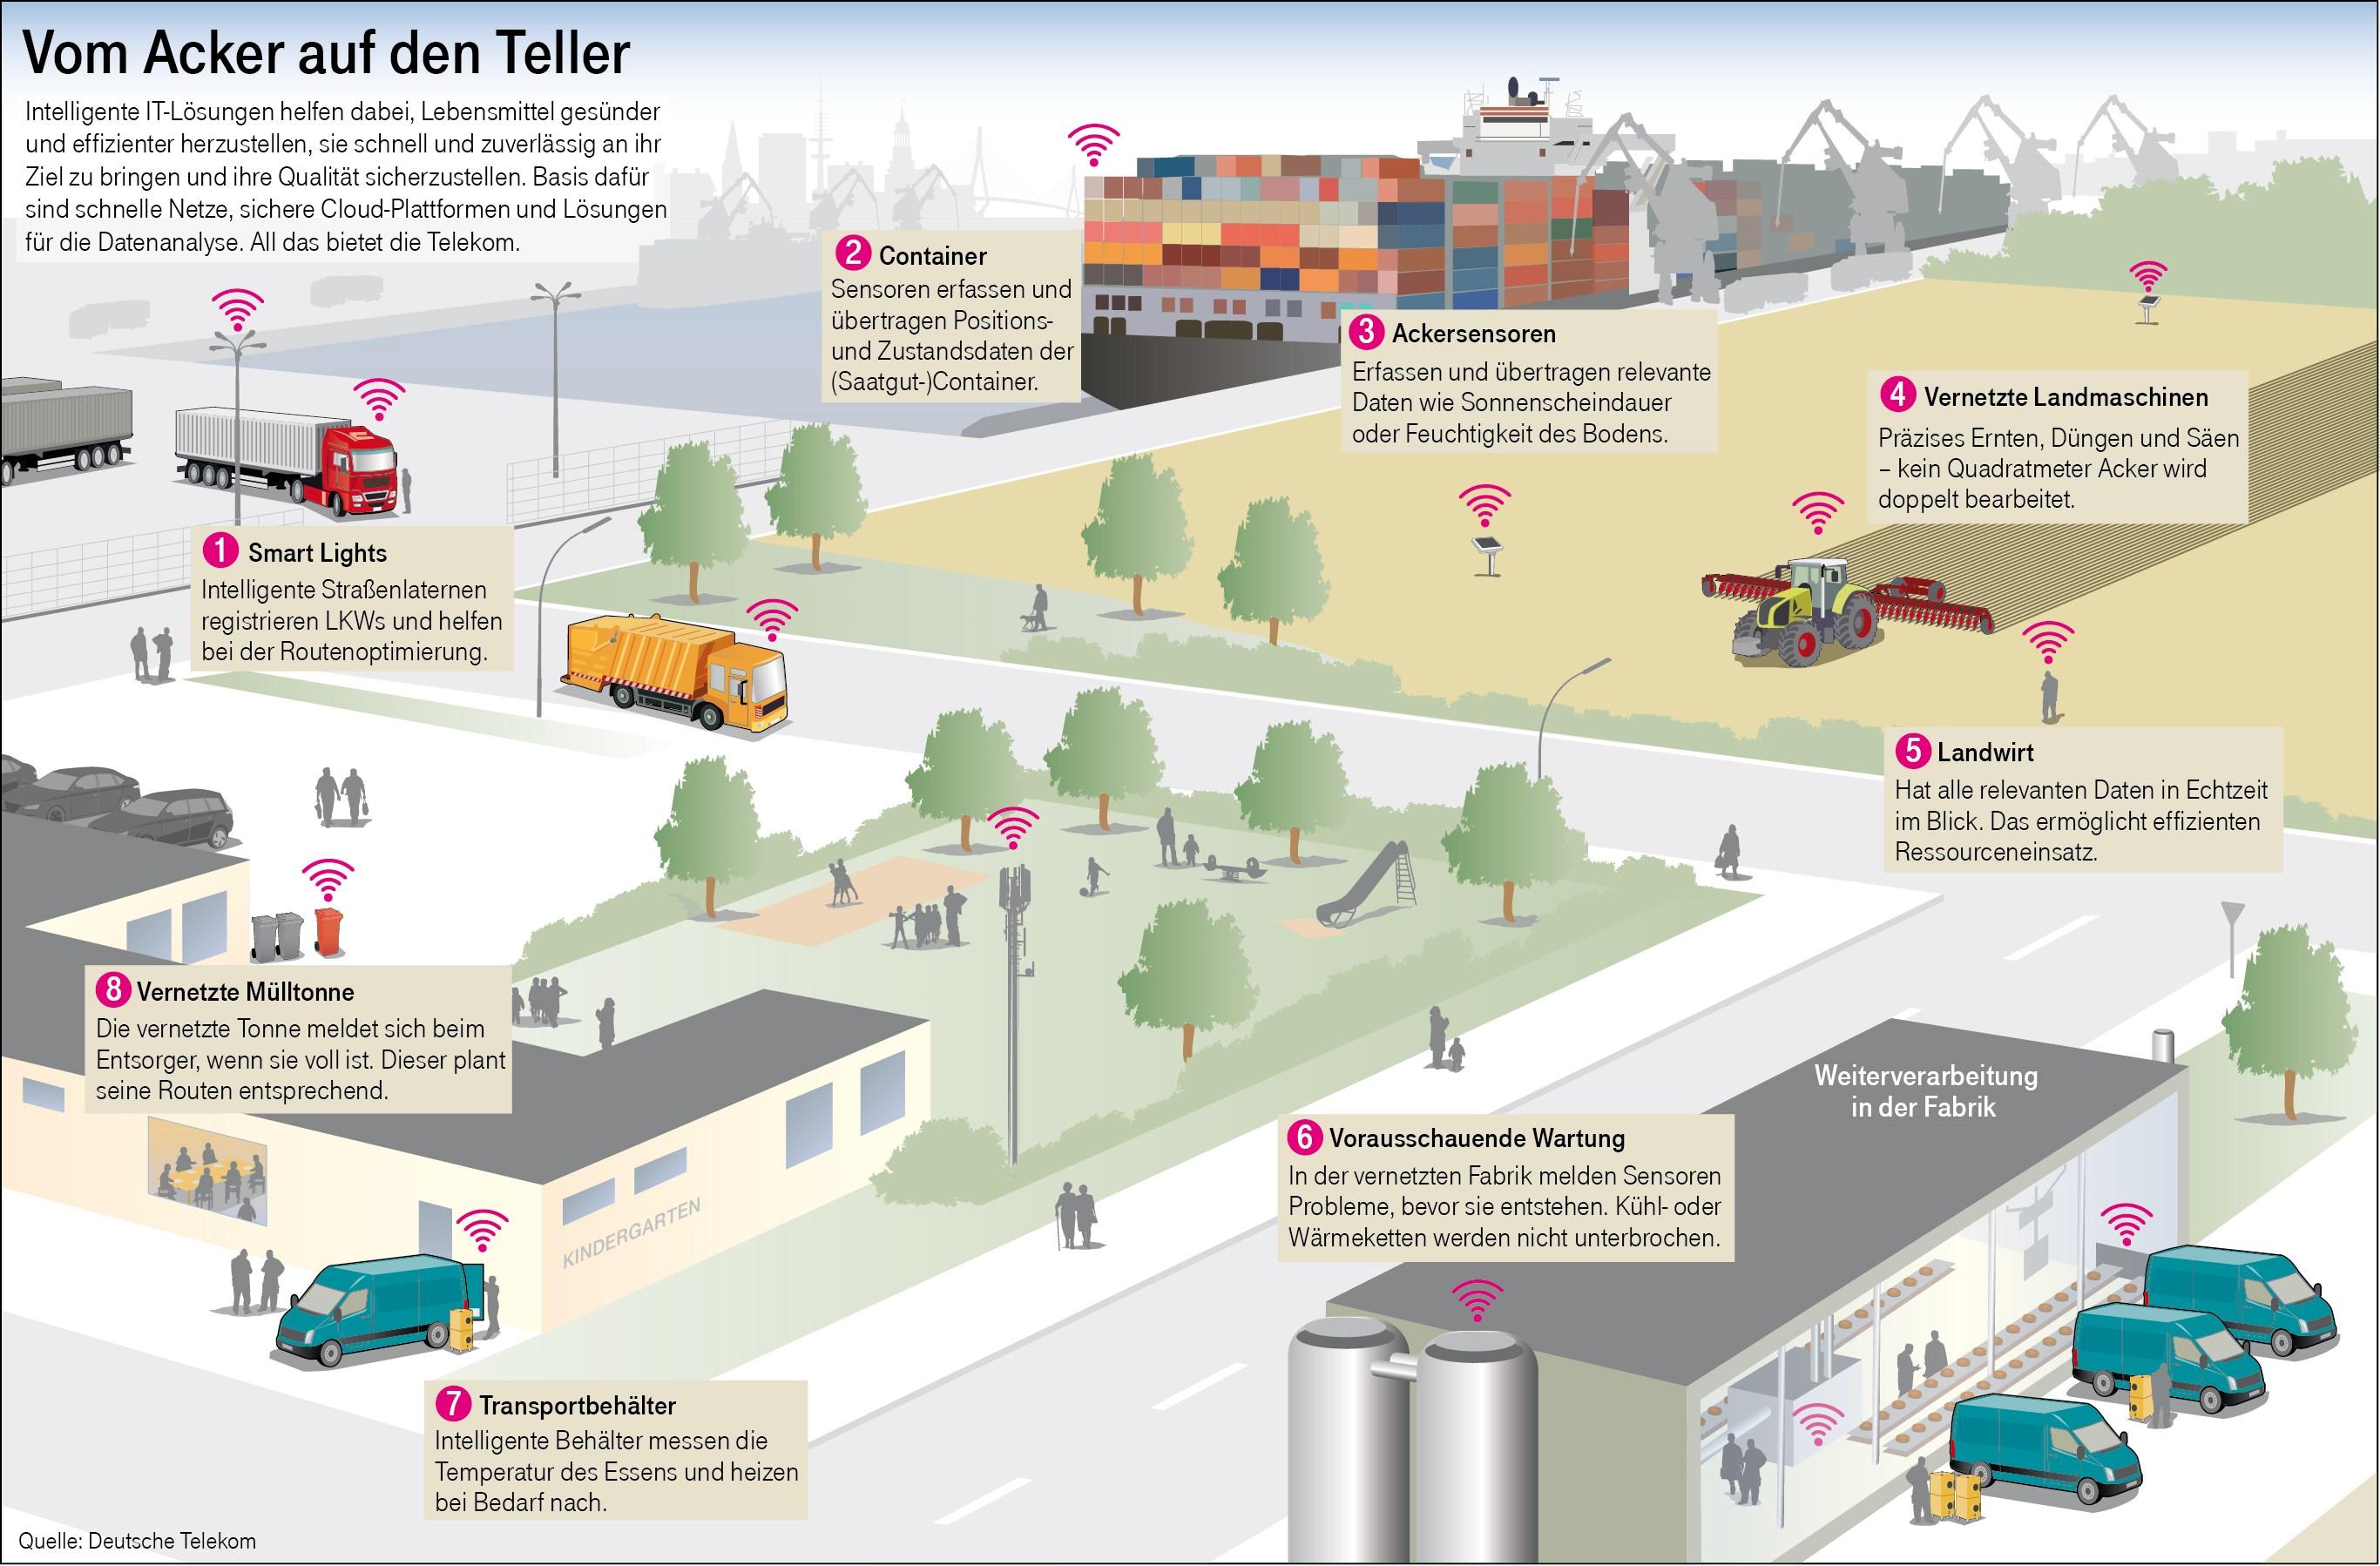 infografik deutsche telekom vom acker auf den teller